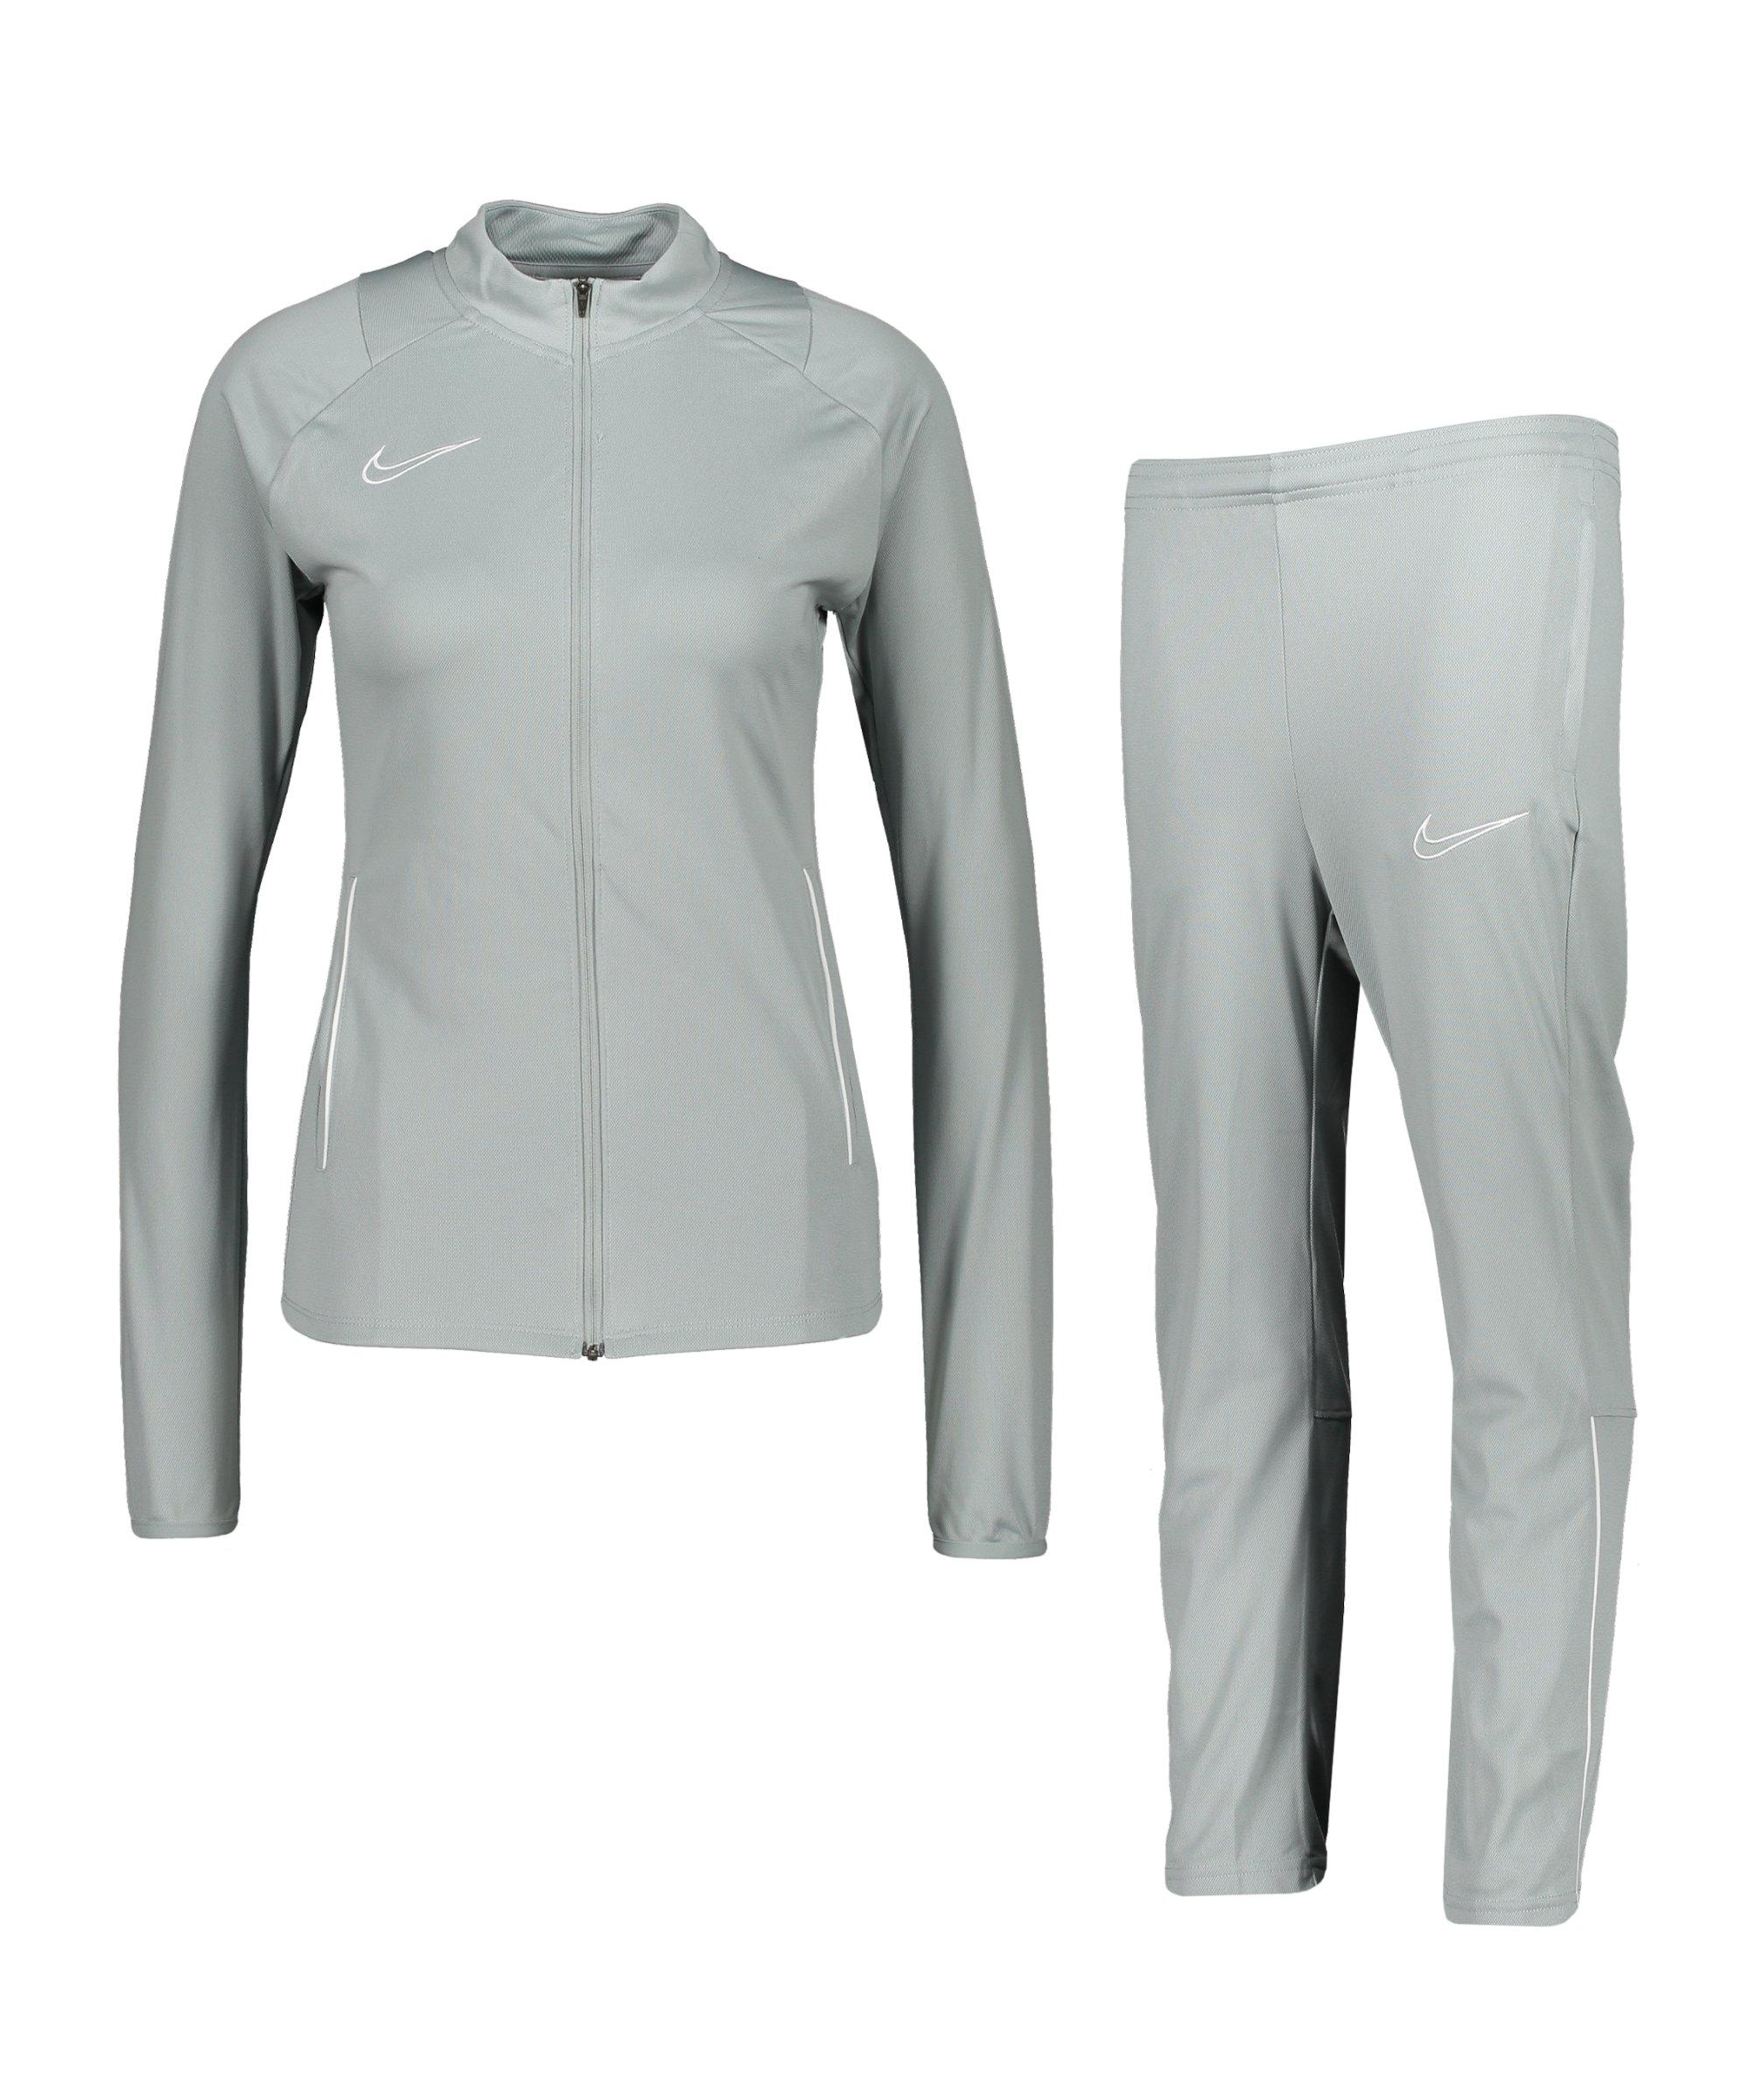 Nike Academy 21 Trainingsanzug Damen F019 - grau